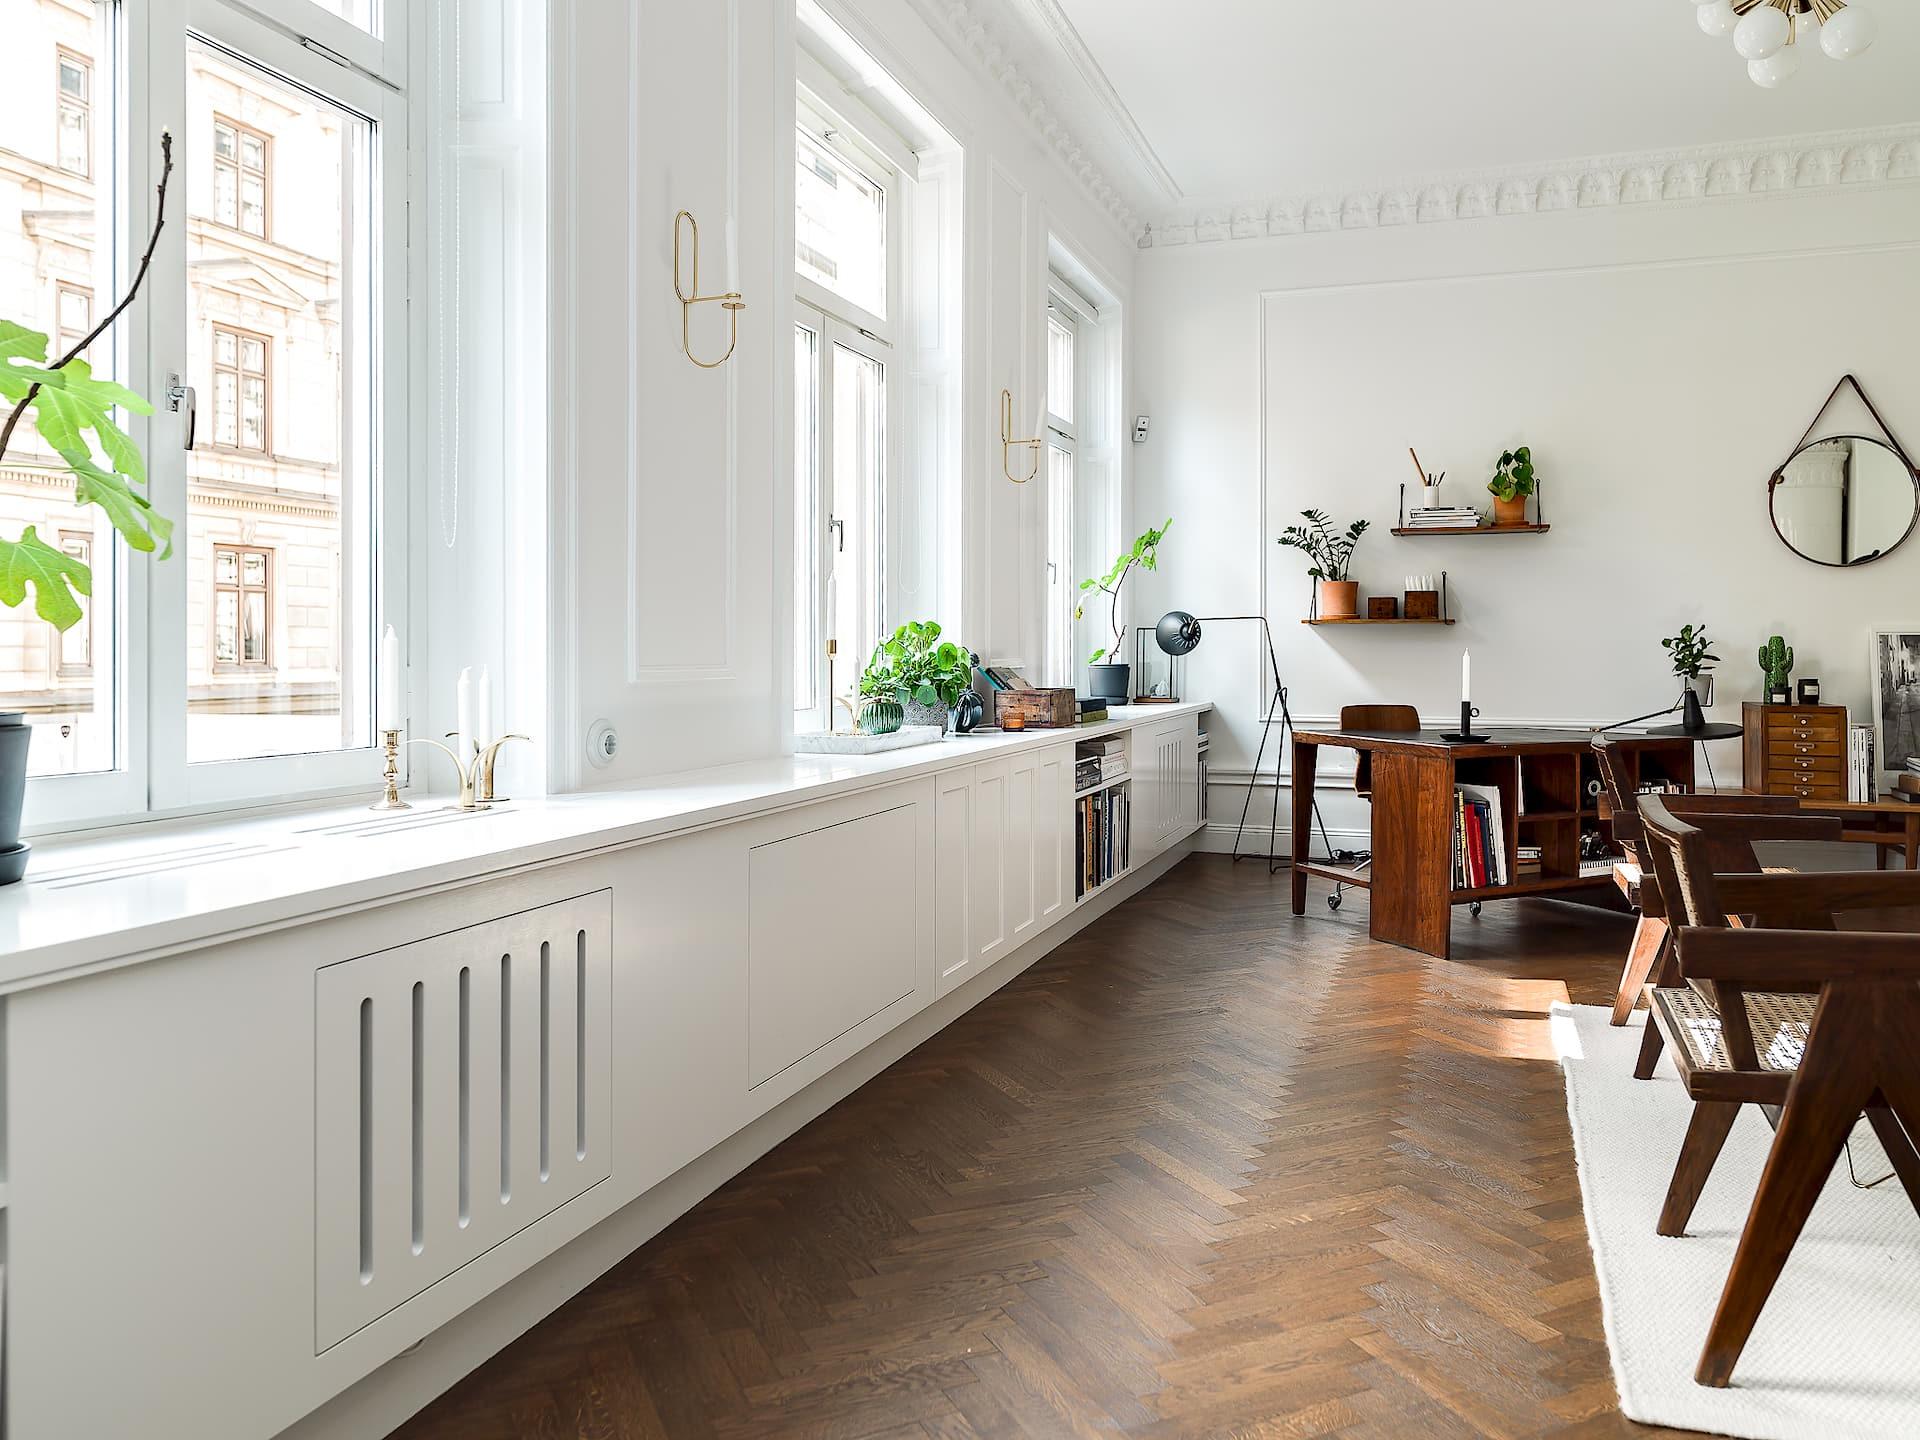 гостиная окна подоконник встроенные шкафы